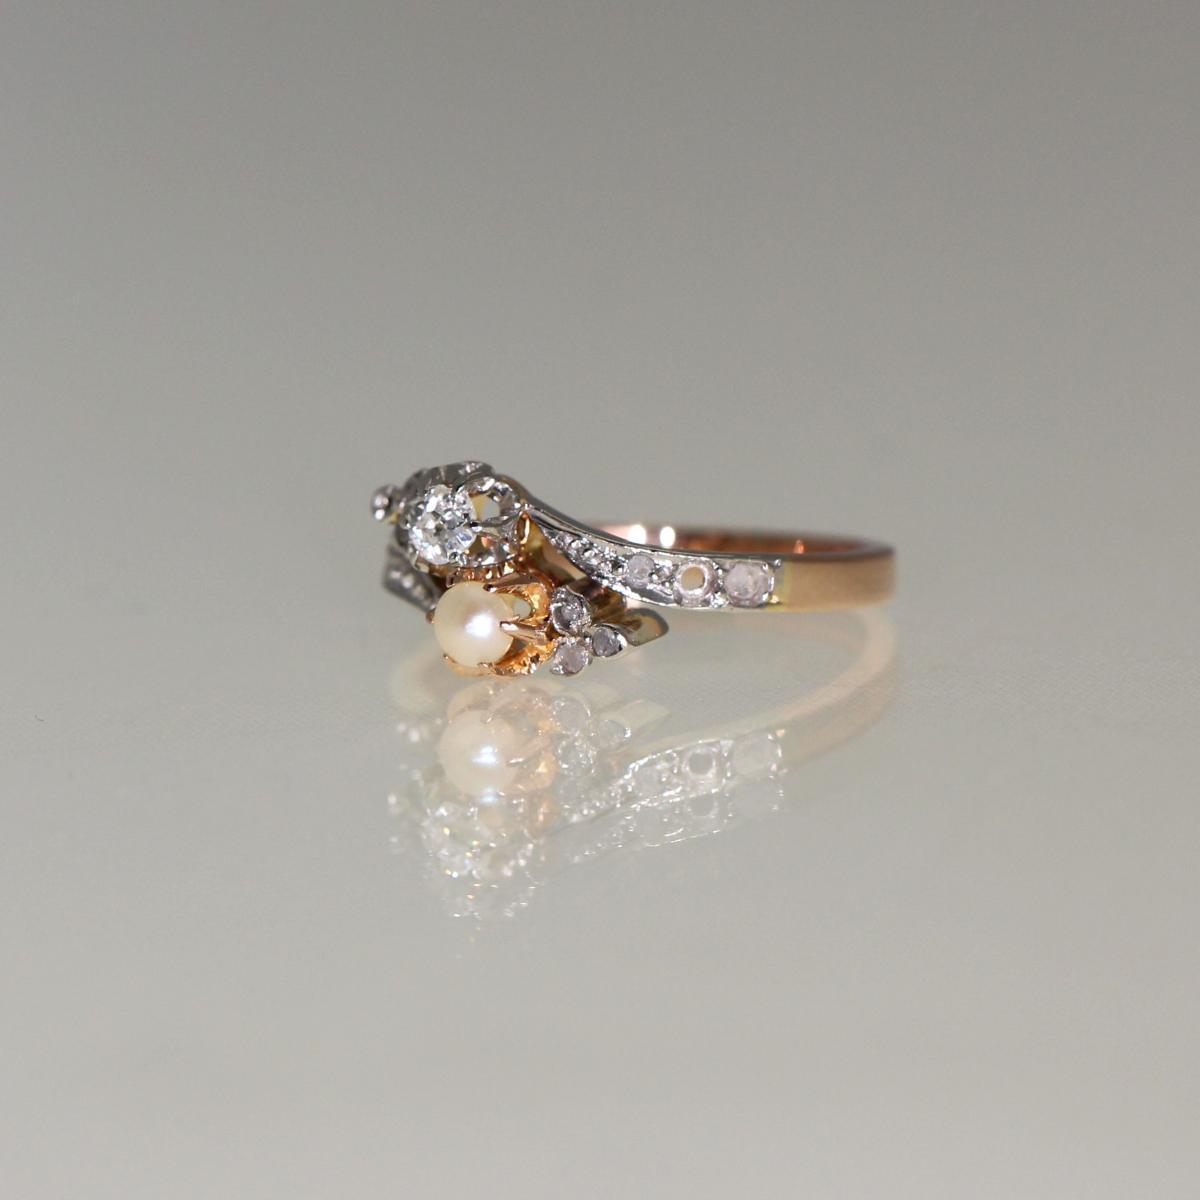 Bague Perle Et Diamants 1910-1920-photo-2